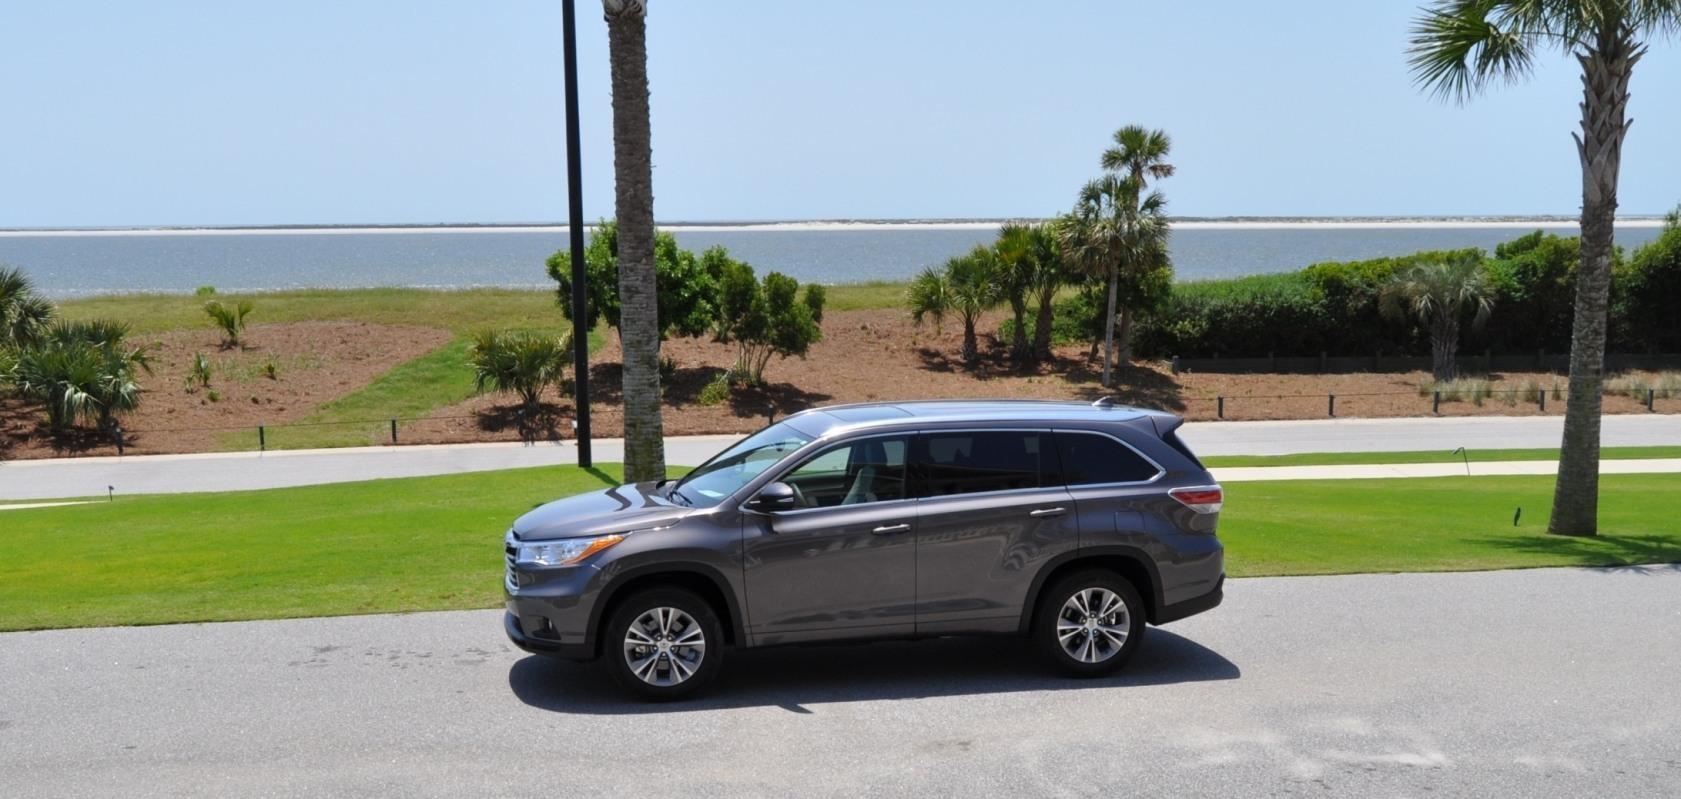 Car-Revs-Daily.com Road Test Review - 2014 Toyota Highlander XLE V6 95